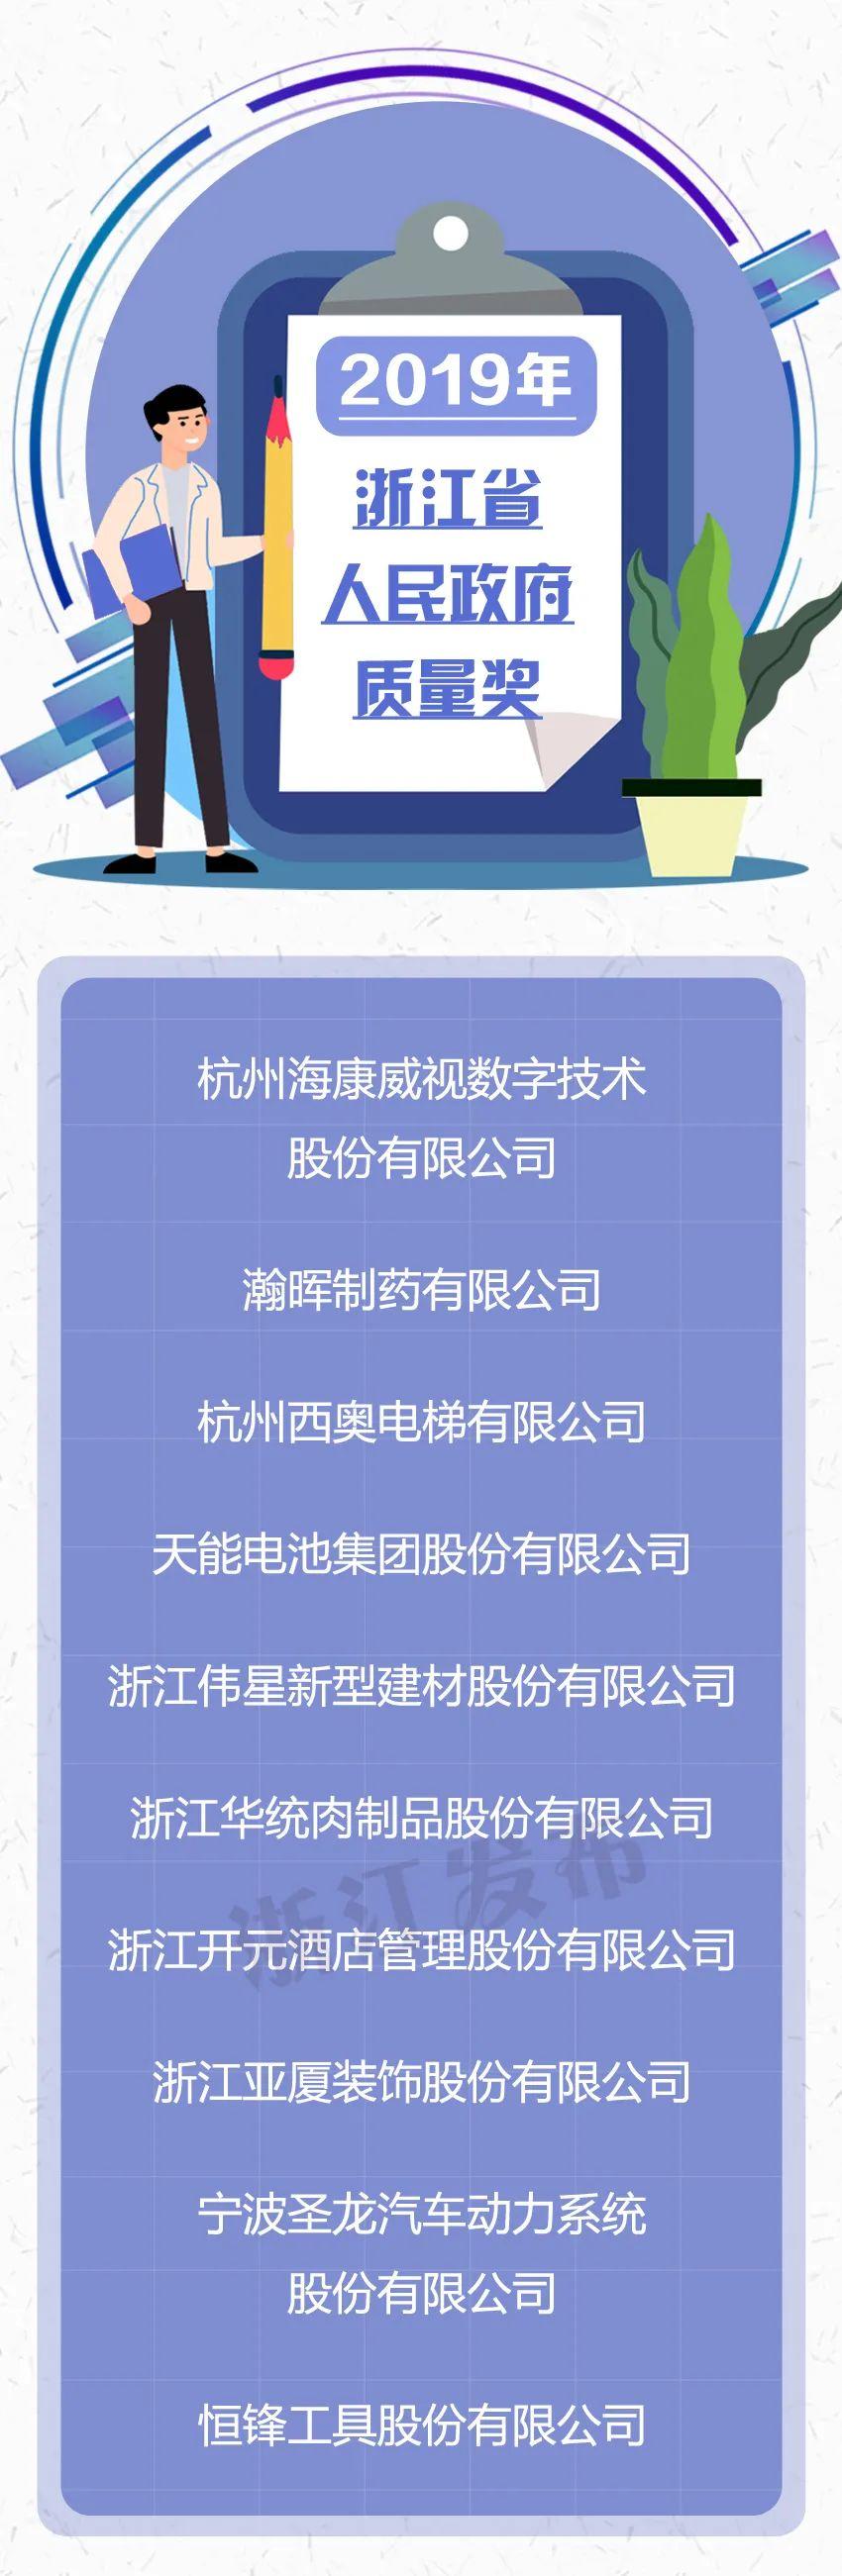 获省政府通报表彰!浙江2019年省政府质量奖获奖组织名单出炉图片